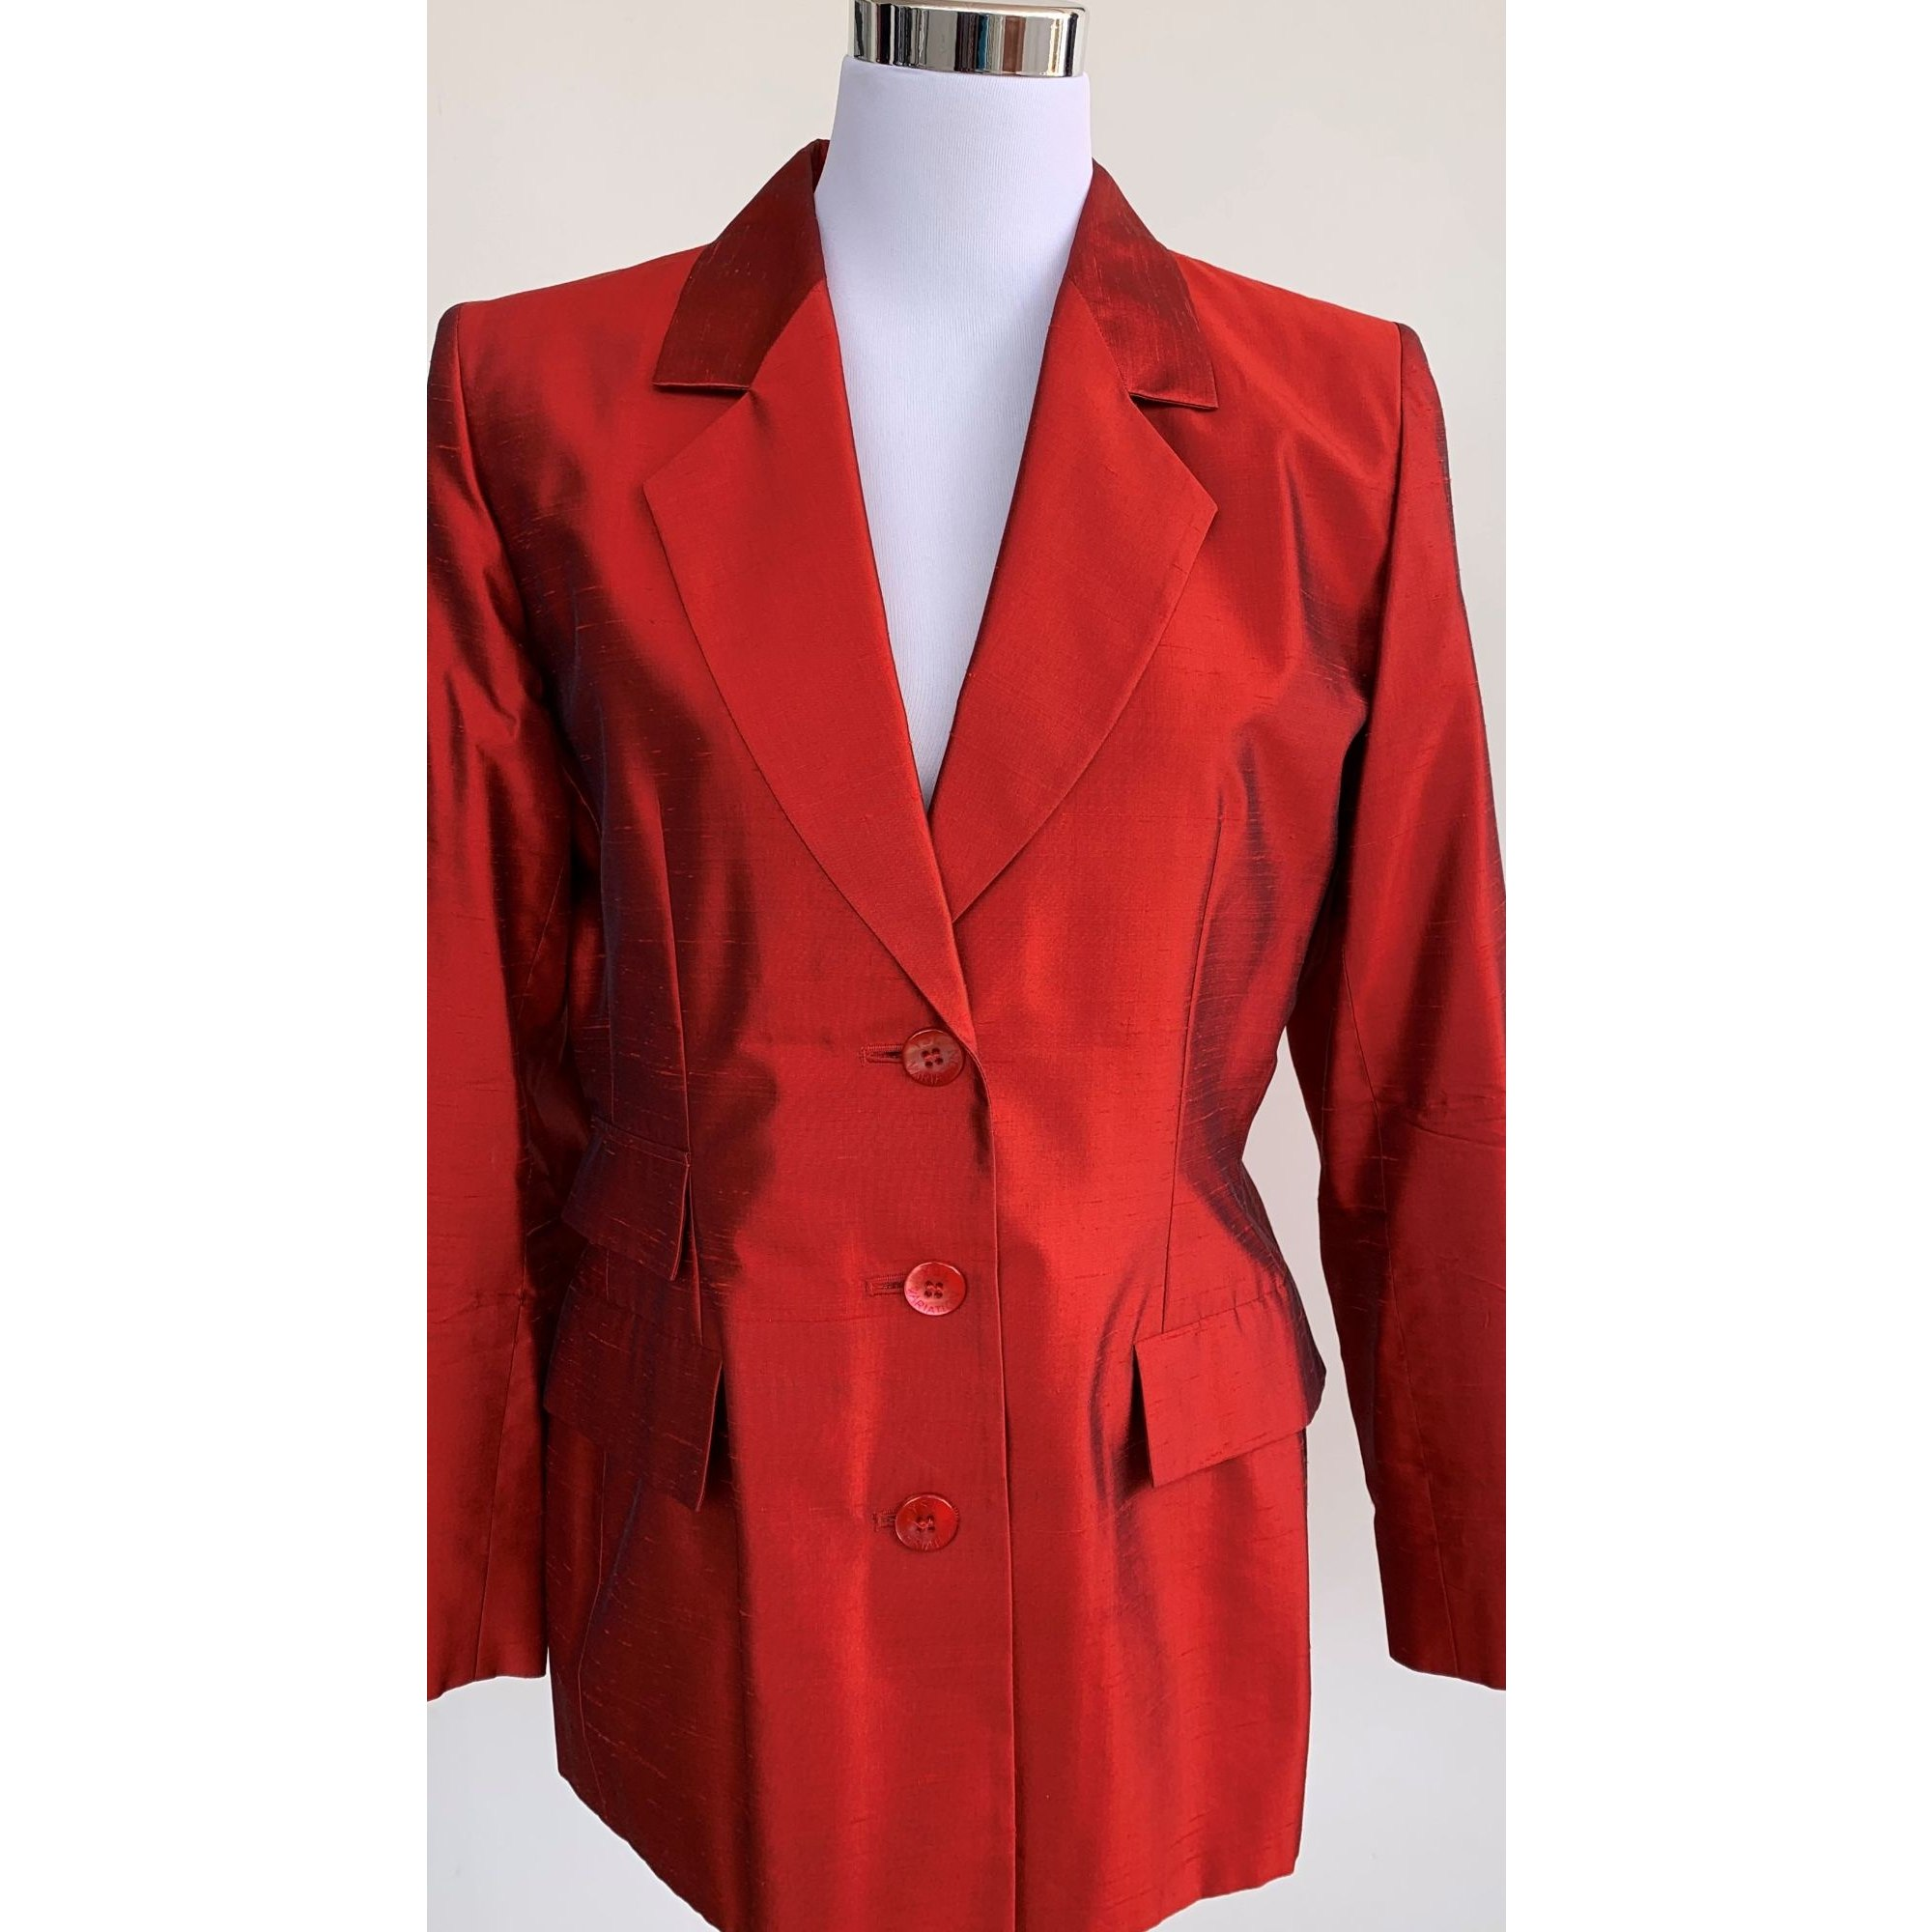 Blazer, veste tailleur YVES SAINT LAURENT Rouge, bordeaux